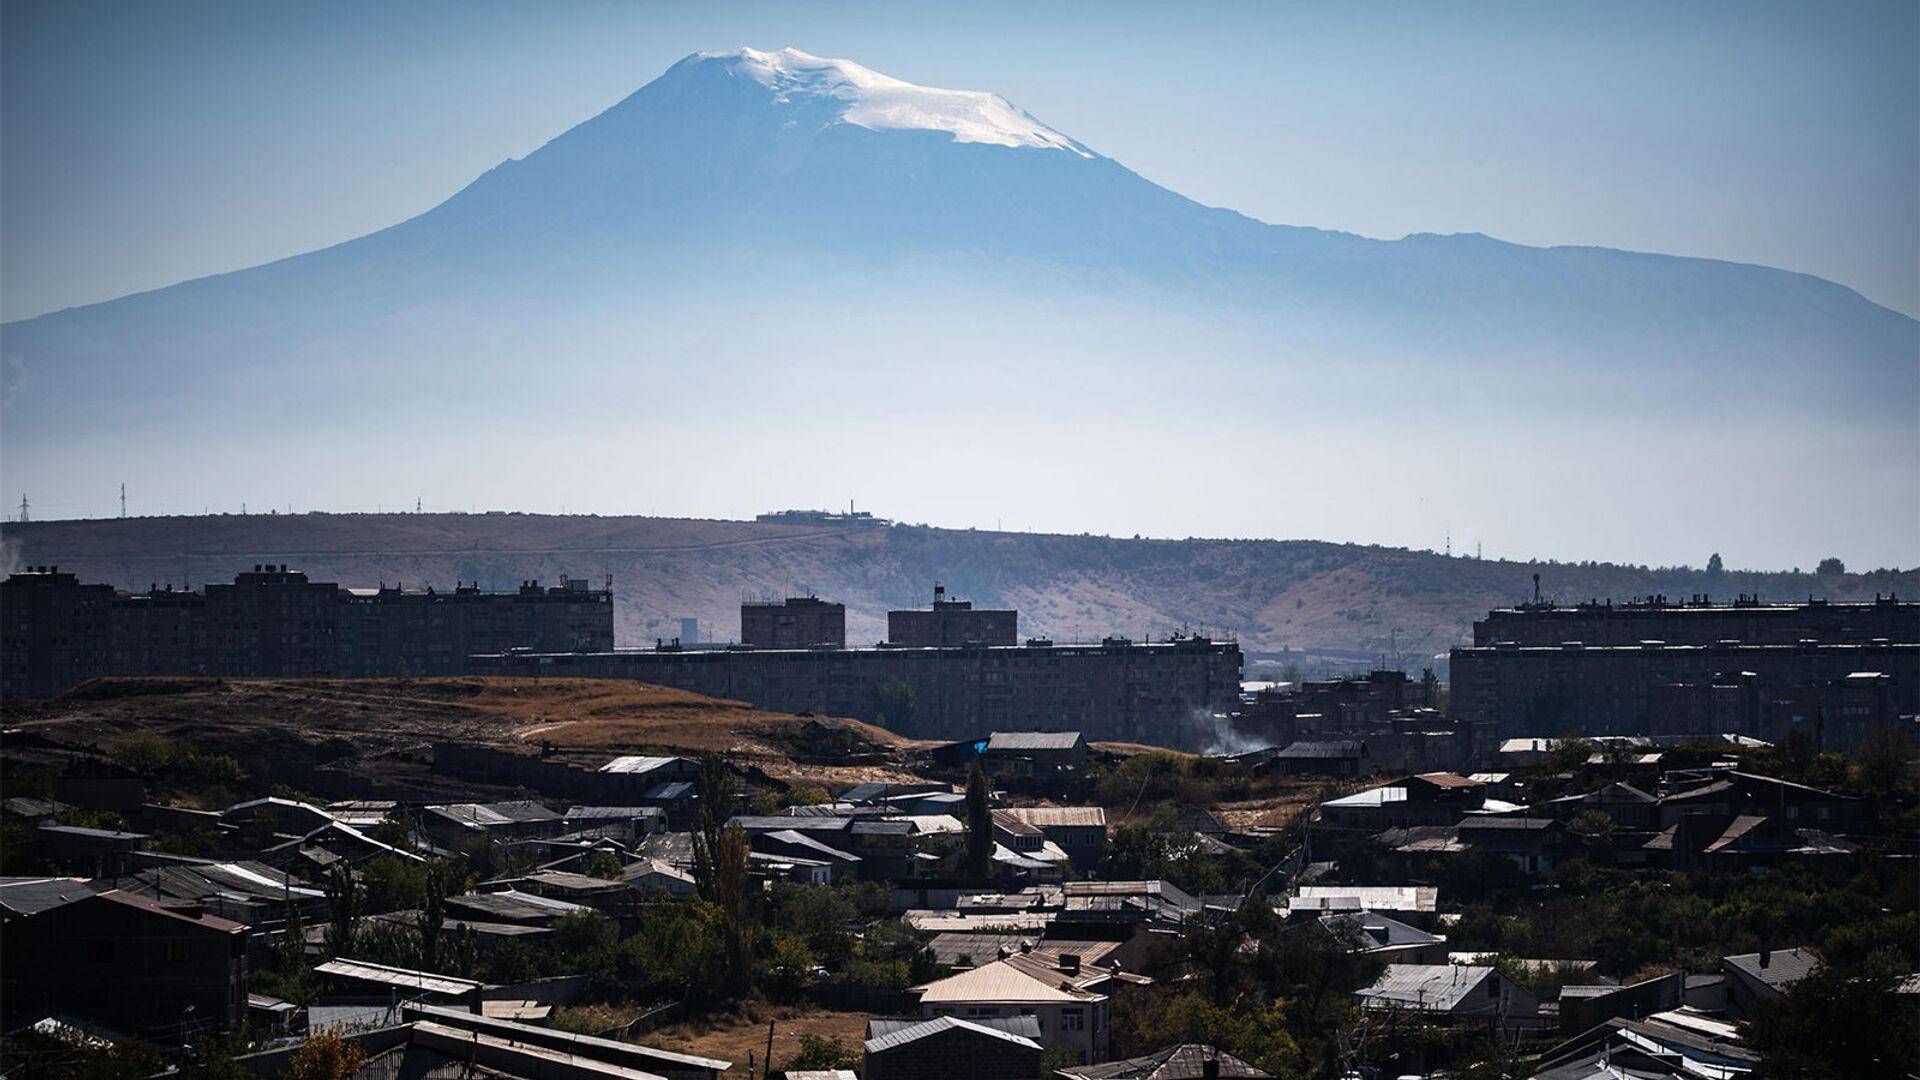 Вид на гору Арарат и город Ереван. - Sputnik Армения, 1920, 24.09.2021